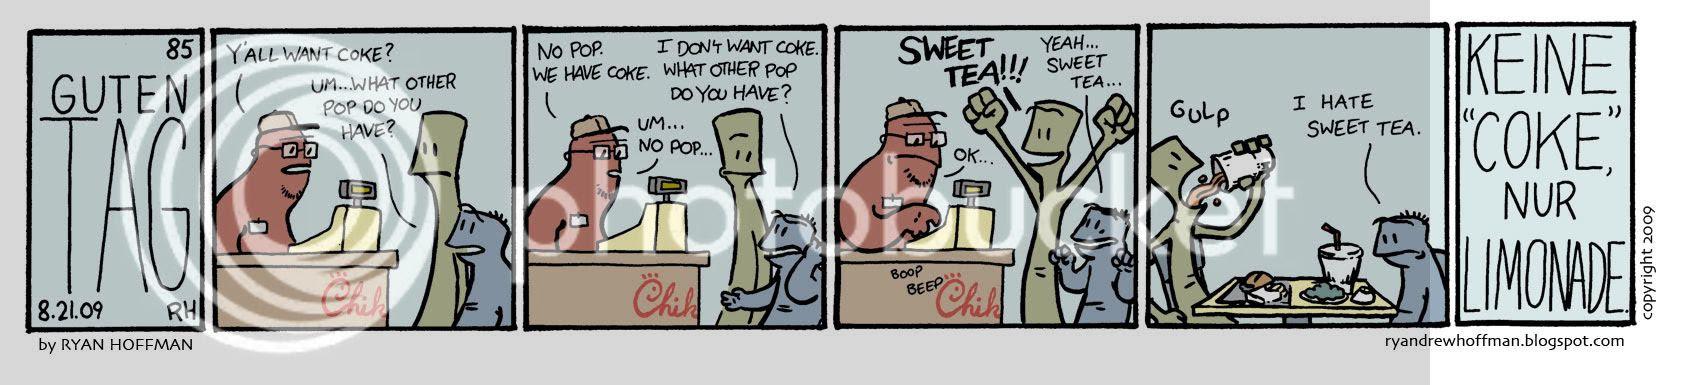 guten tag,chick-fil-a,down south,pop,coke,sweet tea